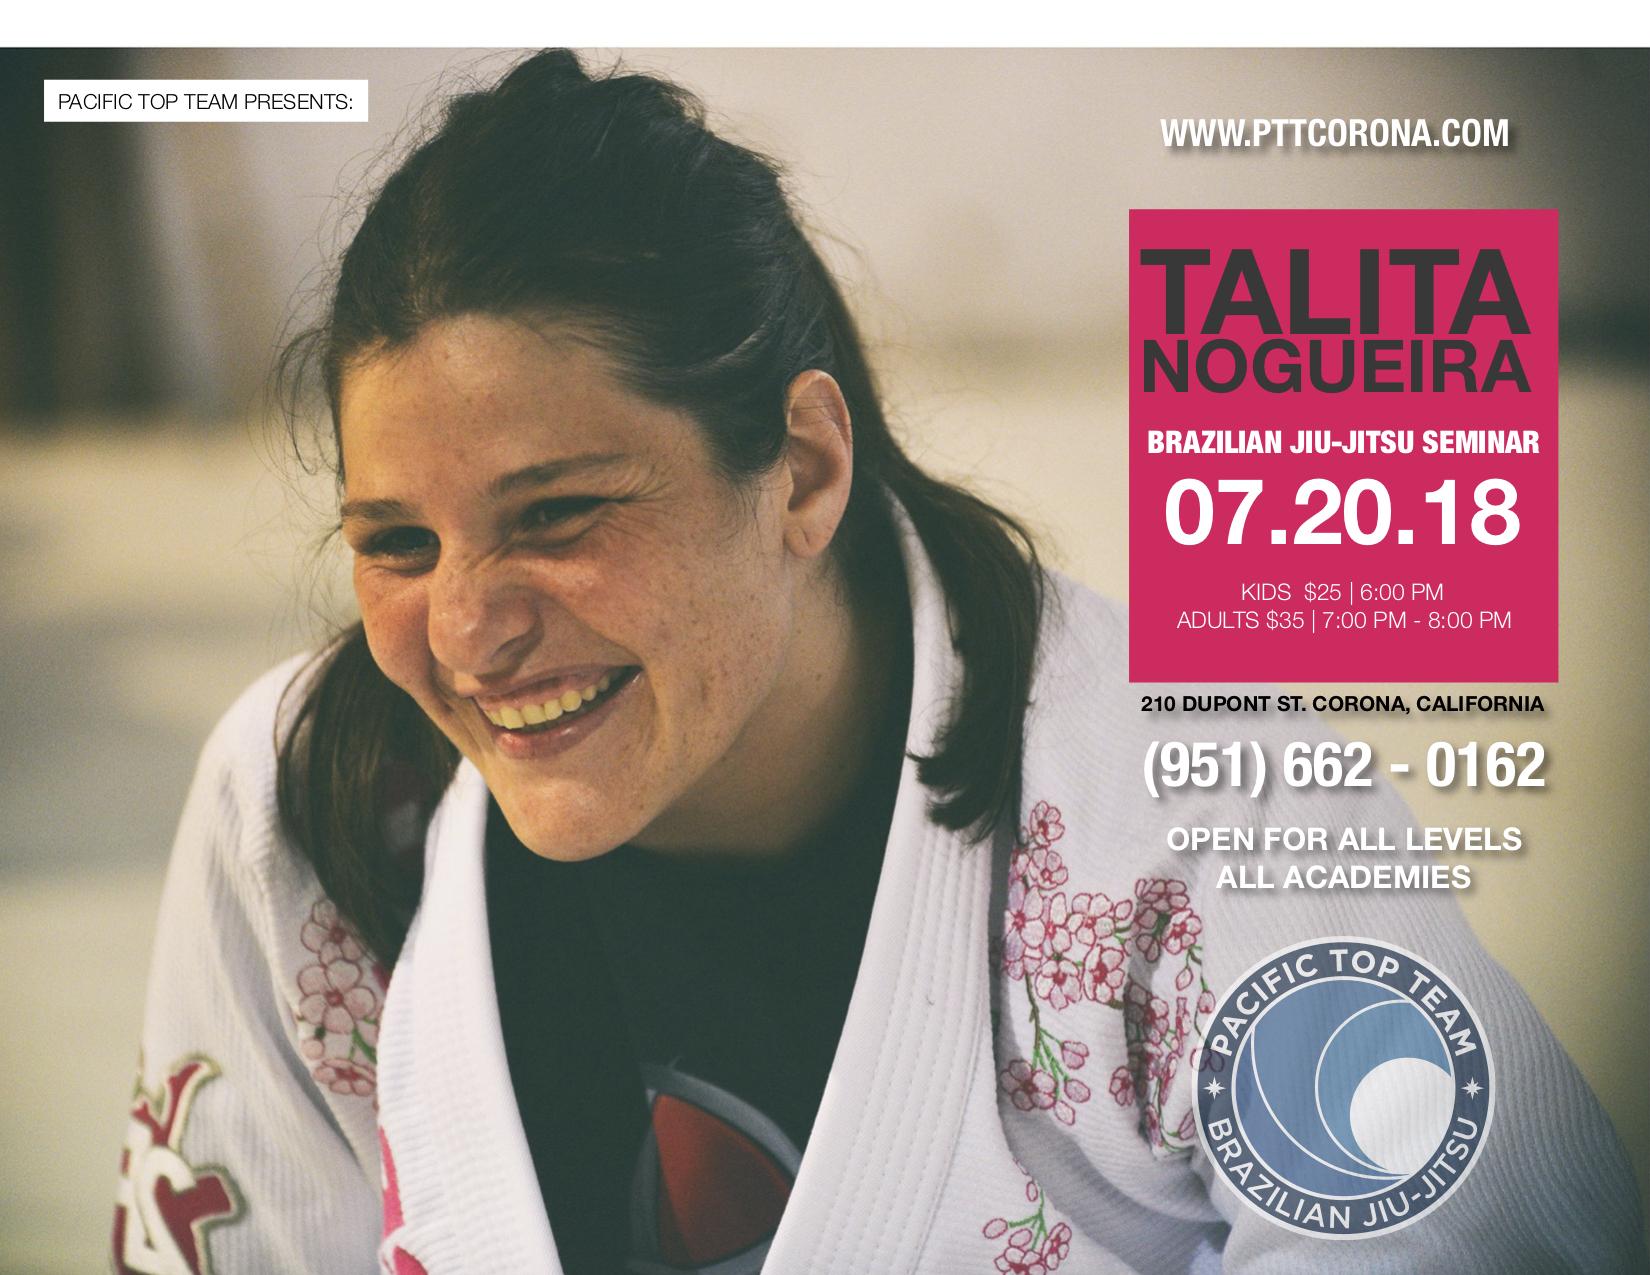 Brazilian Jiu-jitsu Seminar in Corona